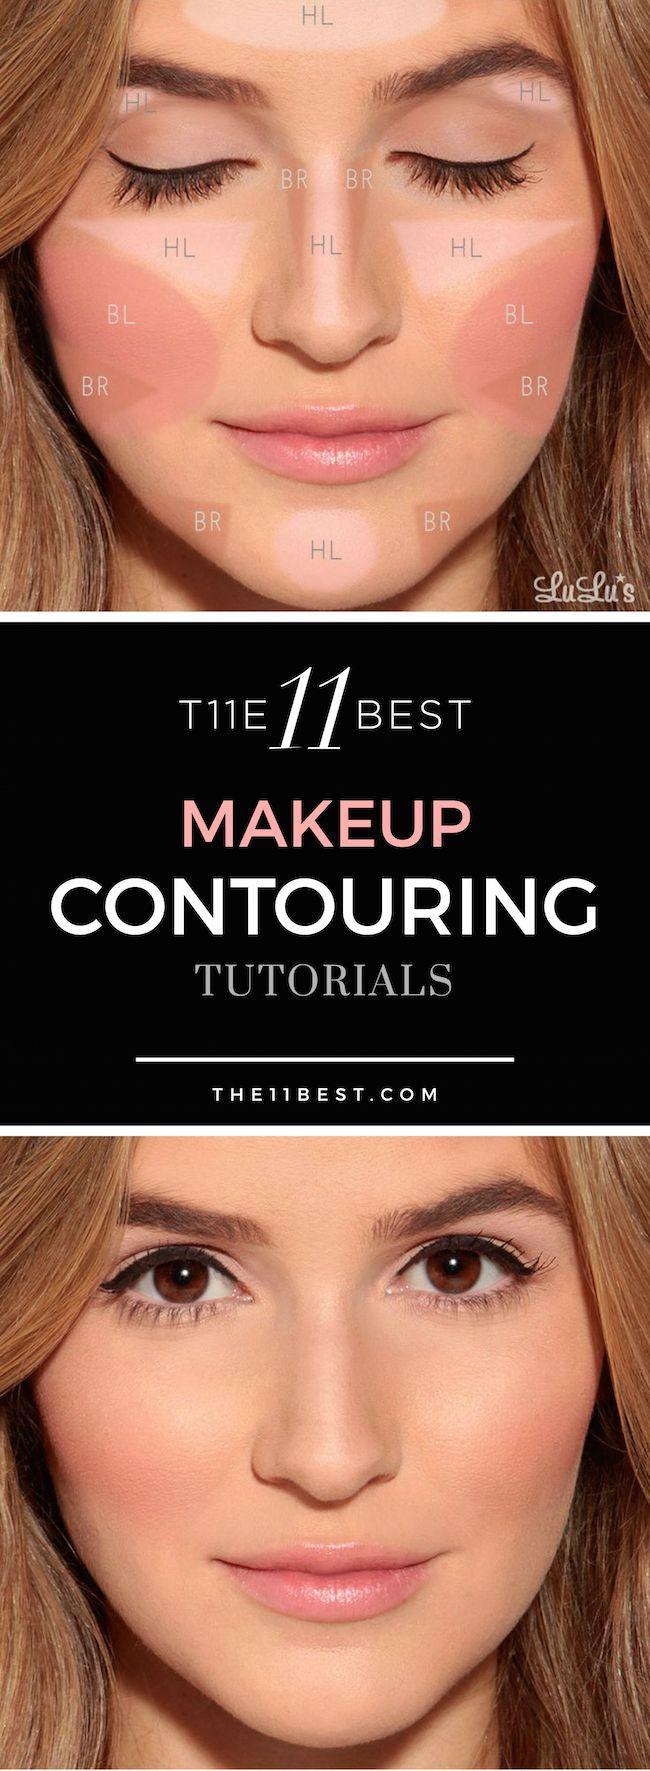 The 11 Best Makeup Contouring Tutorials Contour makeup